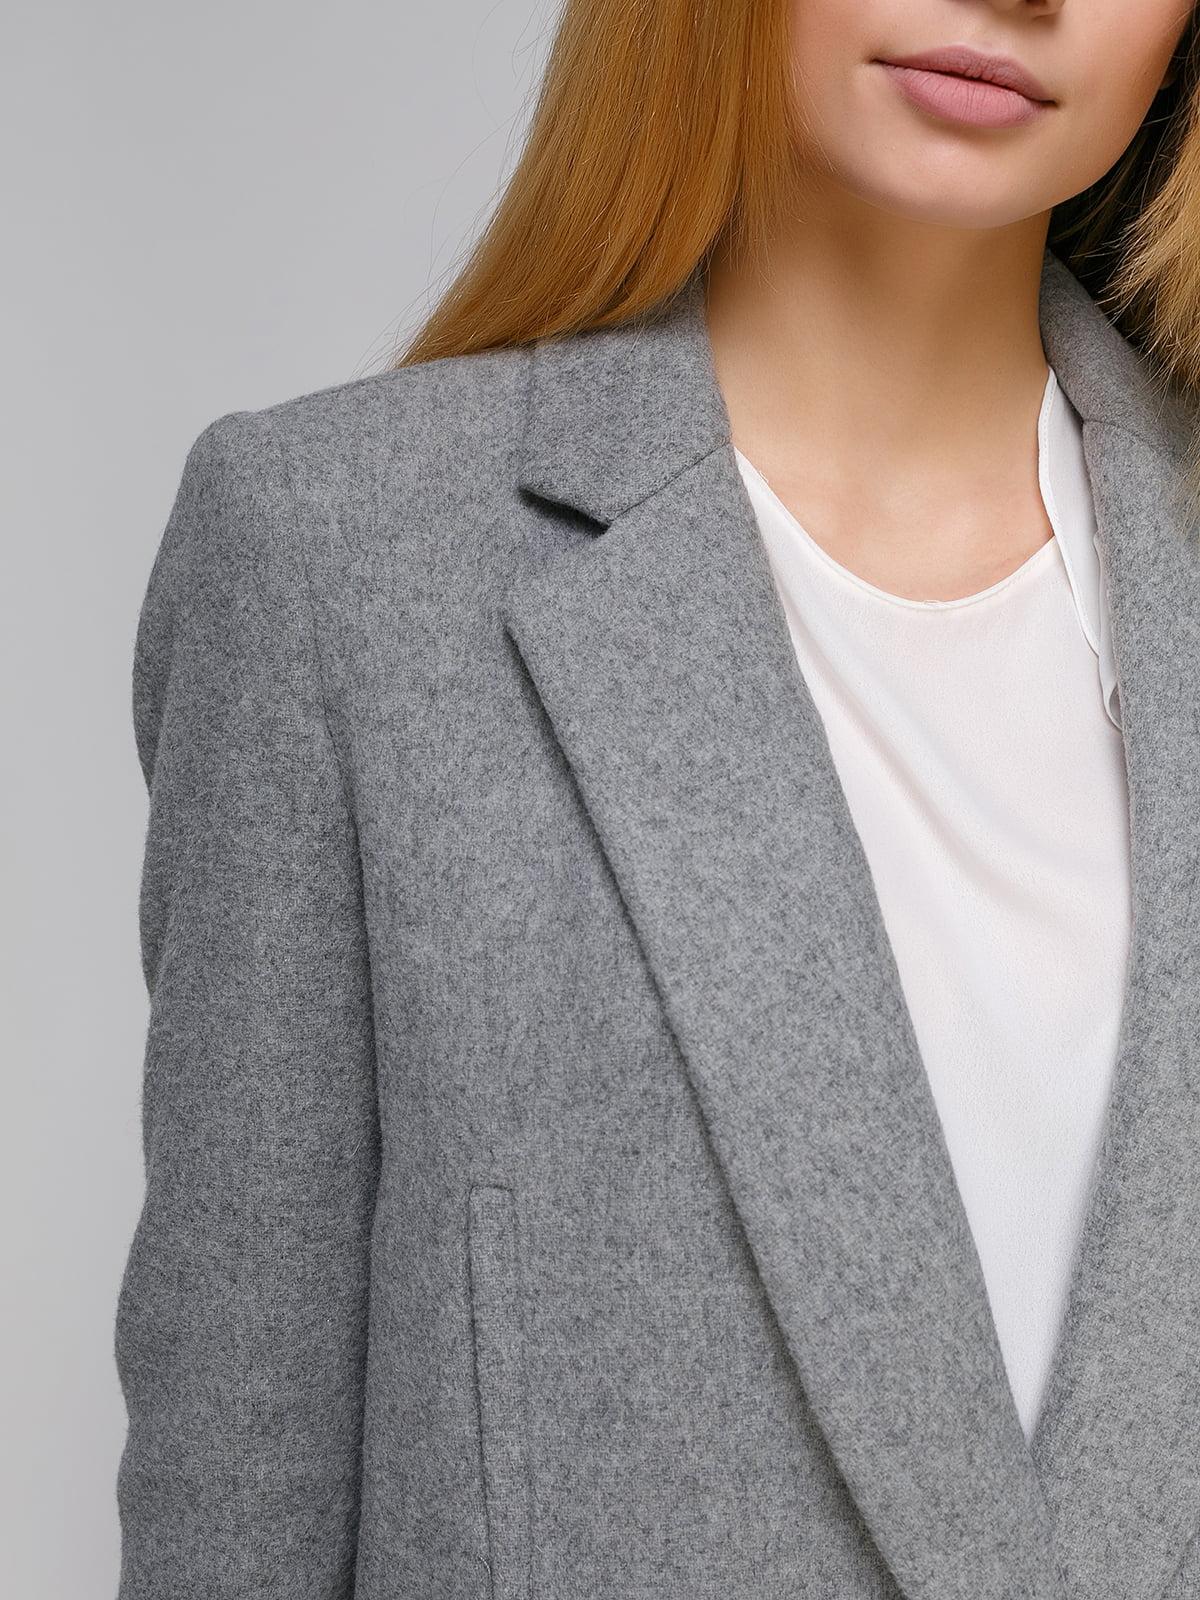 Пальто сіре | 4876002 | фото 4